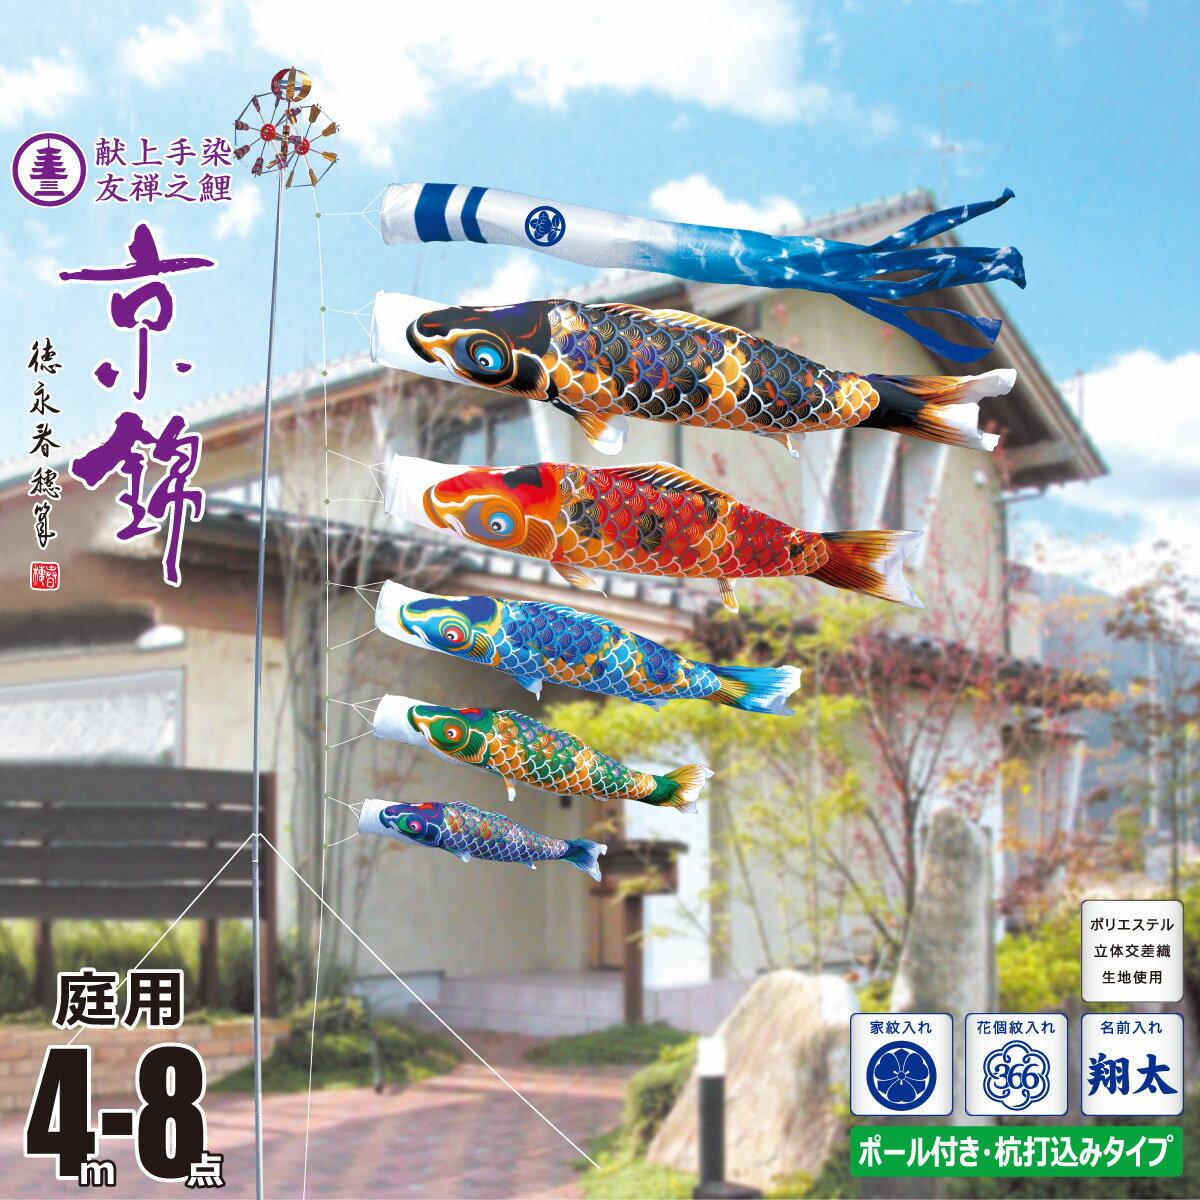 こいのぼり 4m 京錦 8点 (矢車、ロープ、吹流し、鯉5匹) 庭園用 ガーデンセット (専用ポール一式) 徳永鯉のぼり ポイント20倍 KIT-112-102